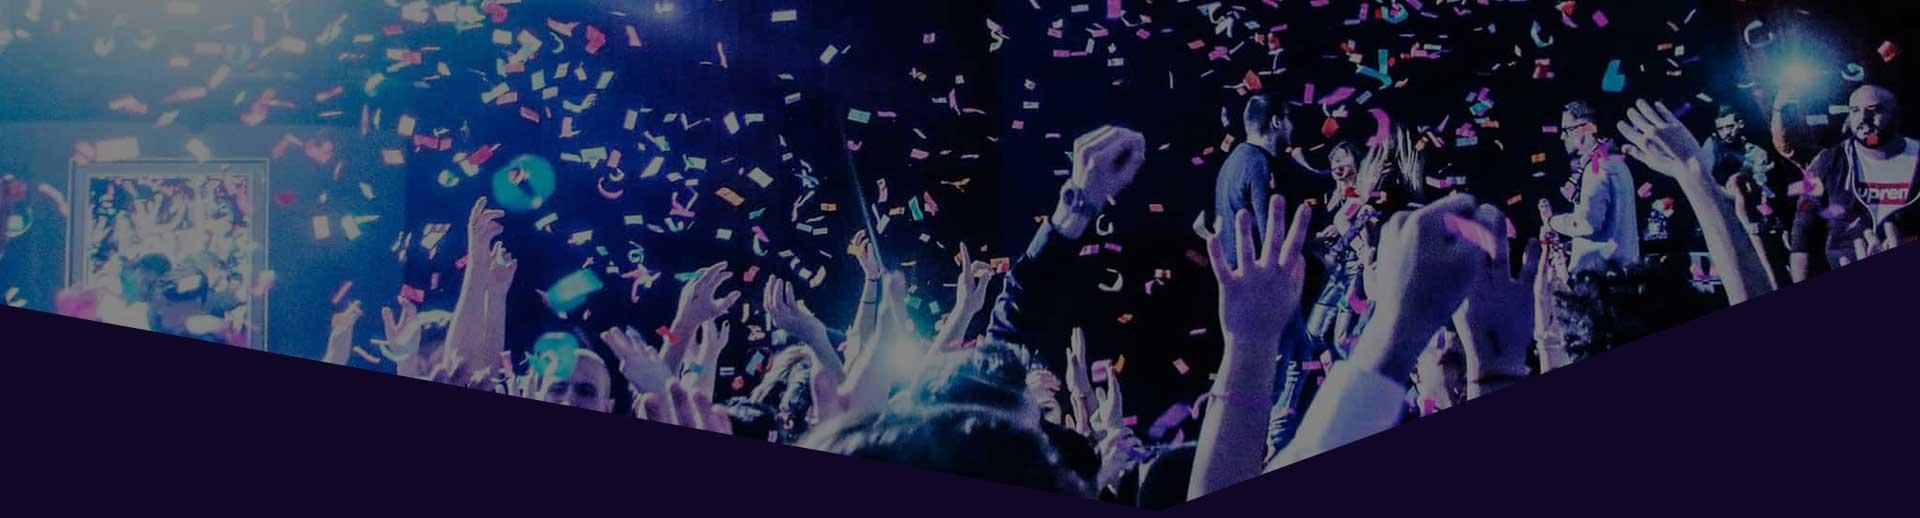 Black Hole Milano | Discoteche e night club a Milano per feste e musica dal vivo | Discoteca Milano Festa Compleanni